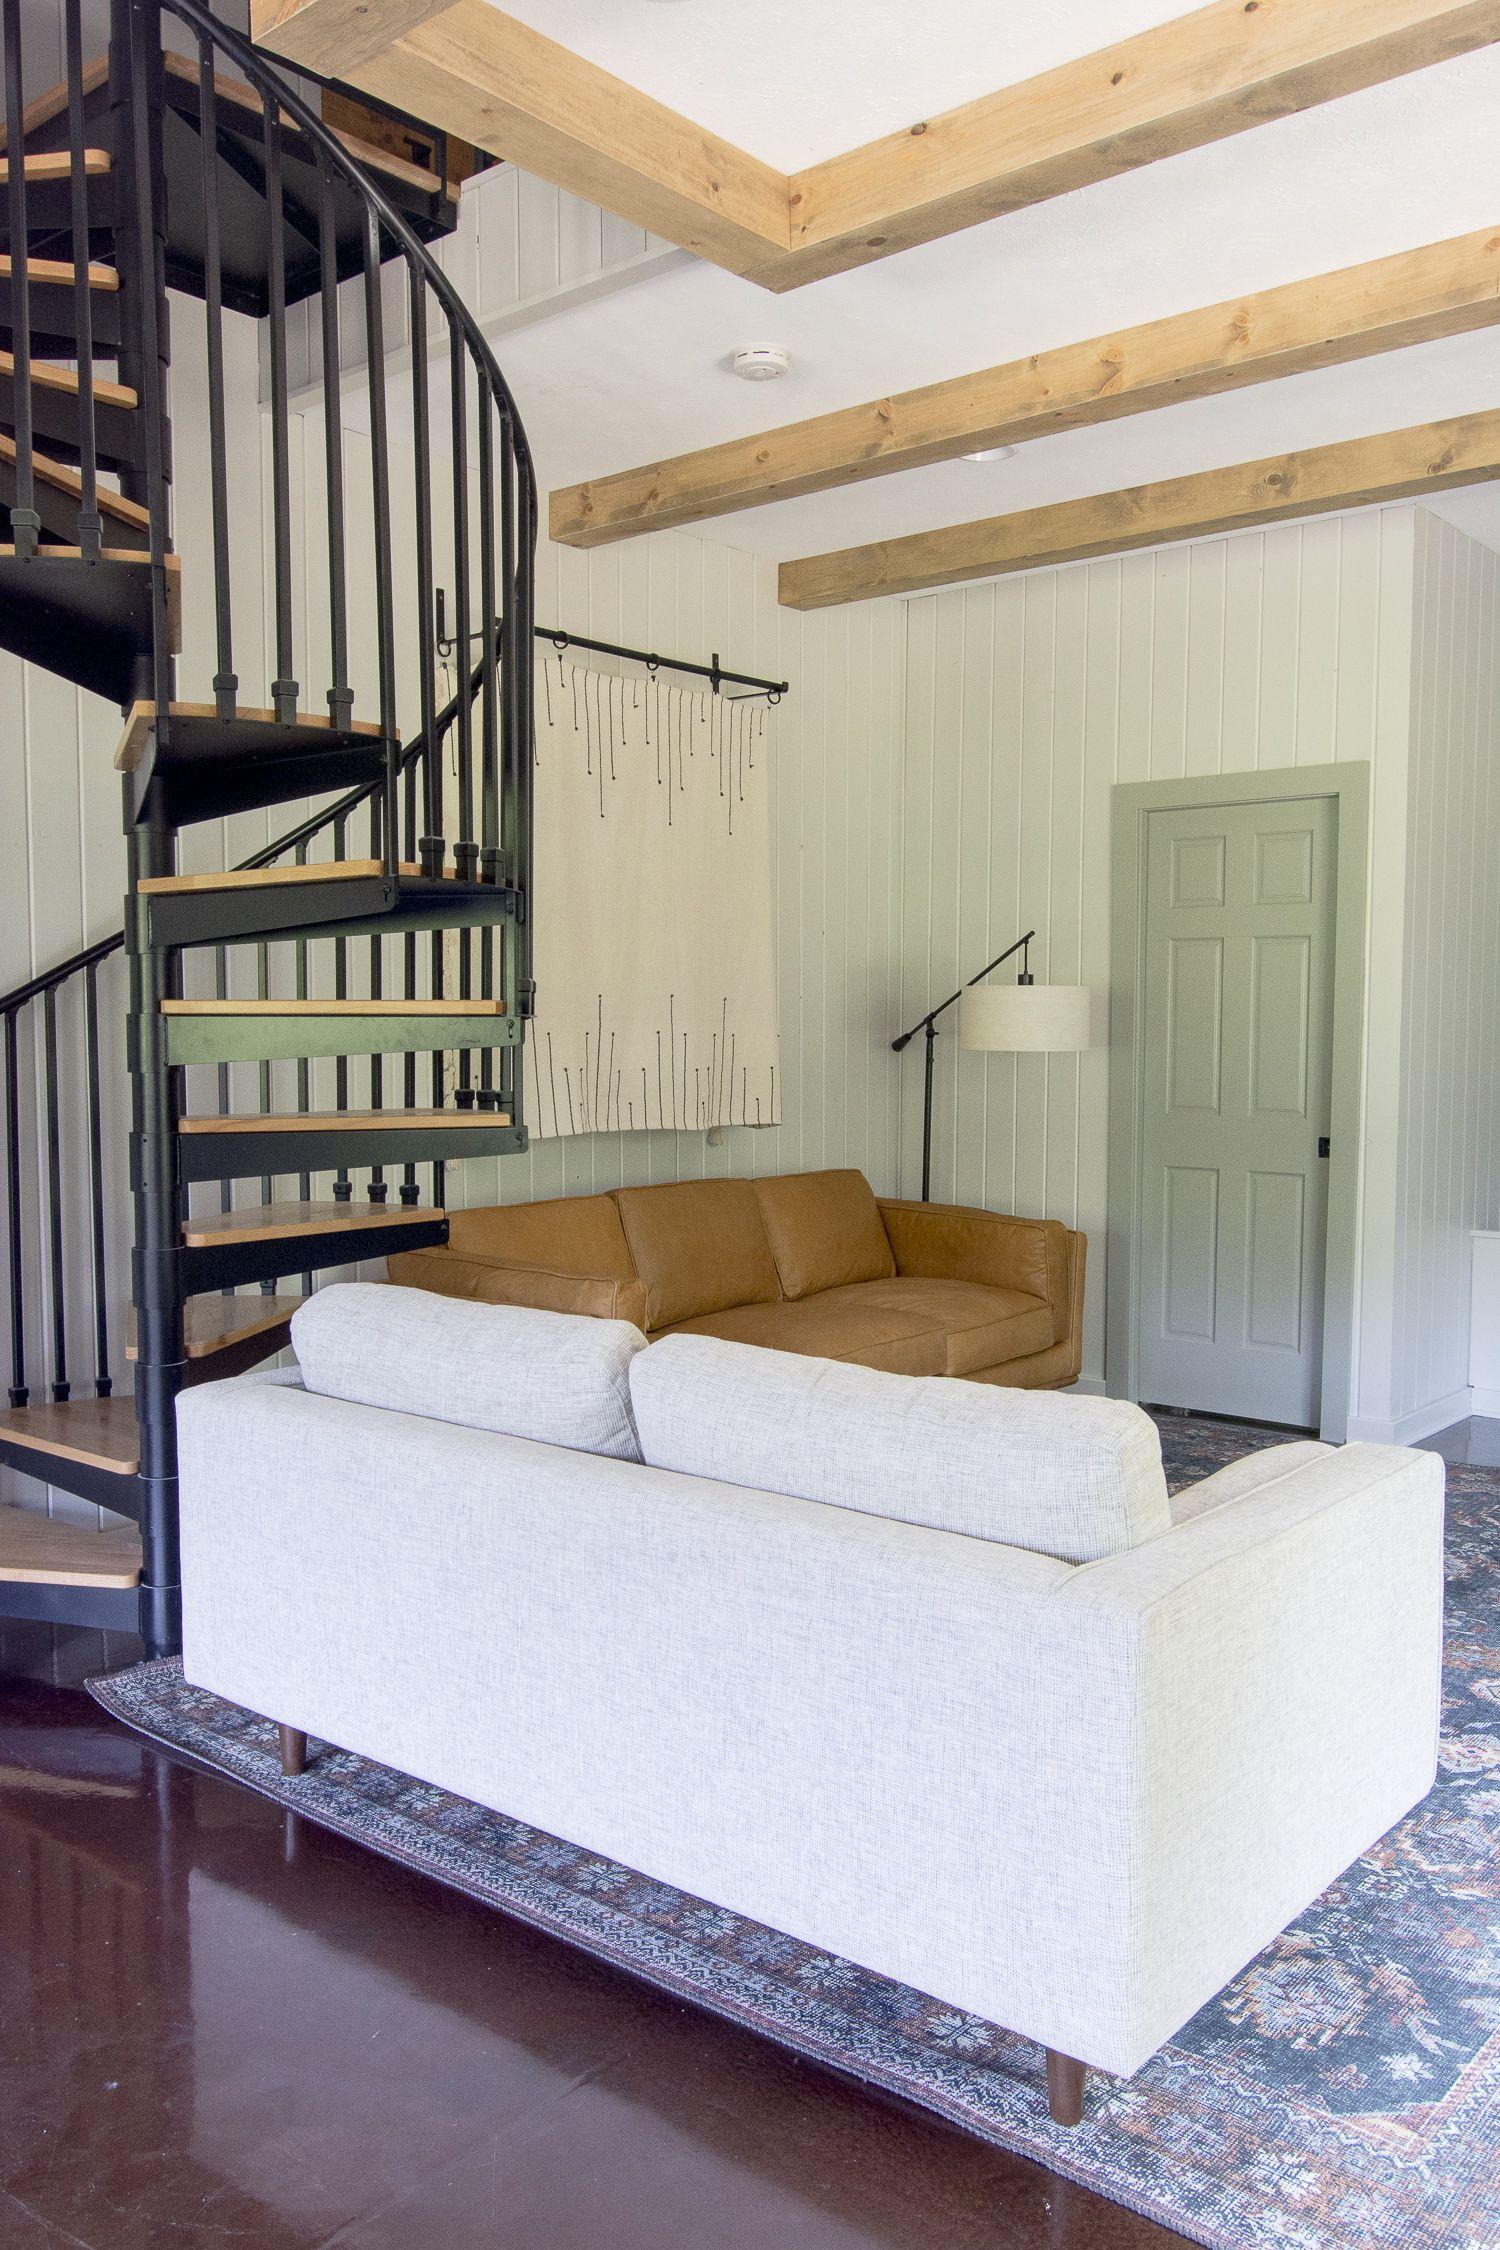 Diy wood beams tutorial guest house ceiling faux